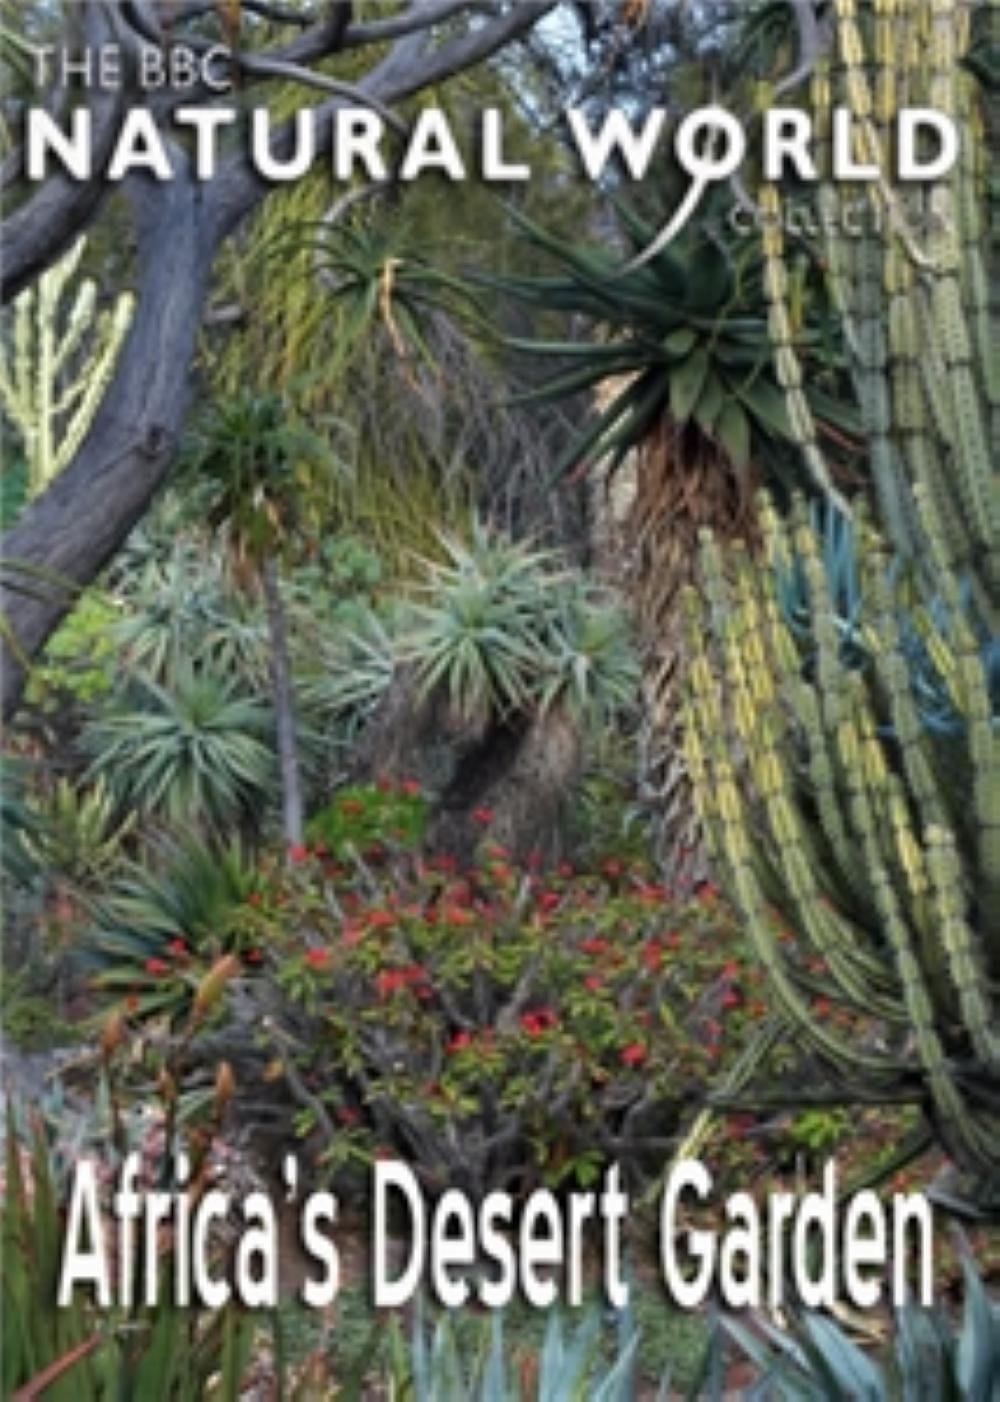 非洲沙漠花园